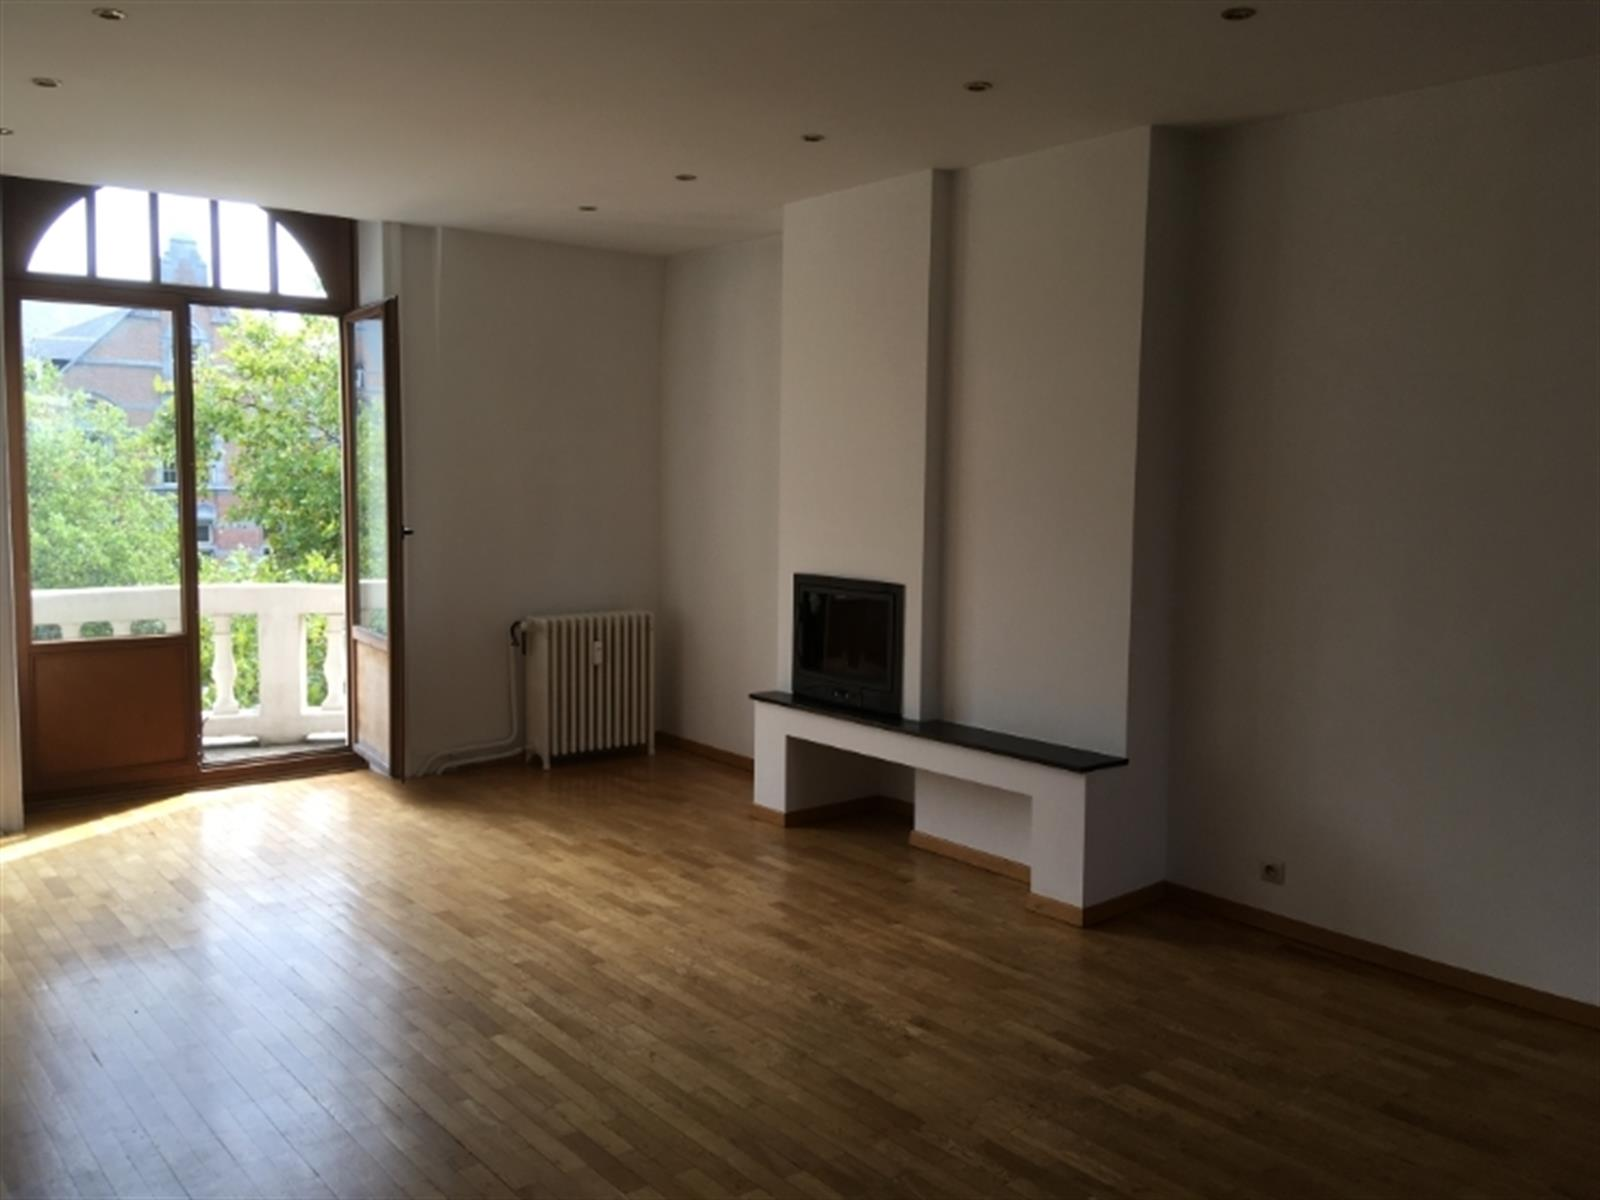 Appartement - Etterbeek - #4350465-1